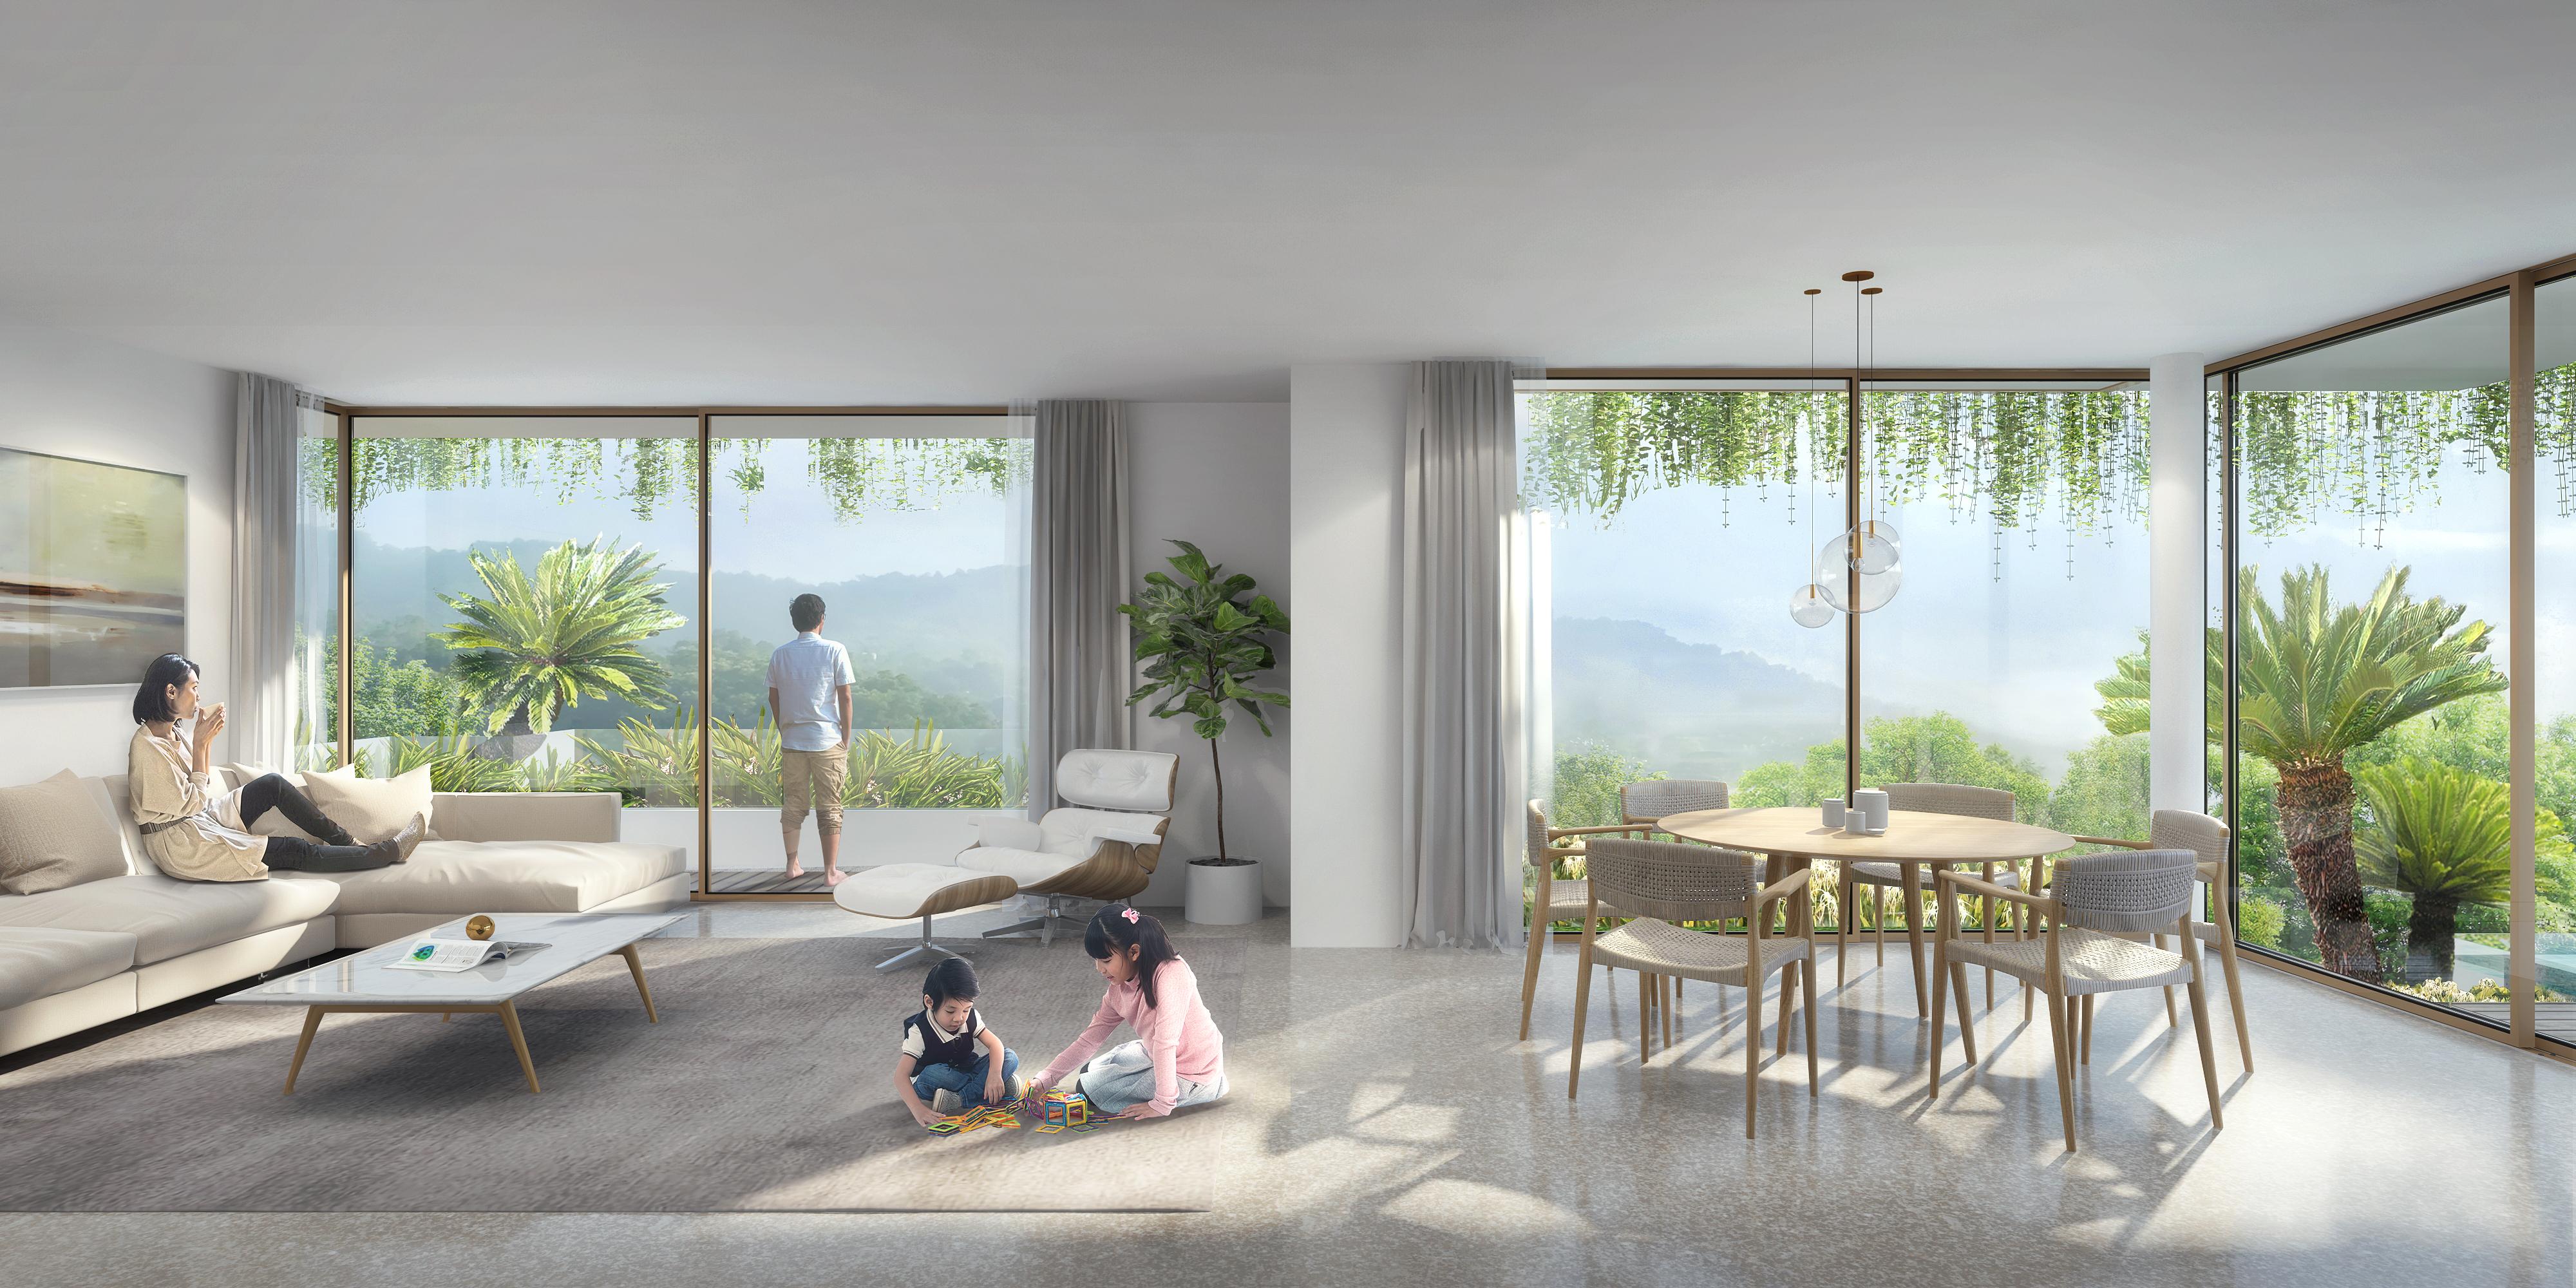 atg_200508_babylon_gardens_villa_living_room.jpg